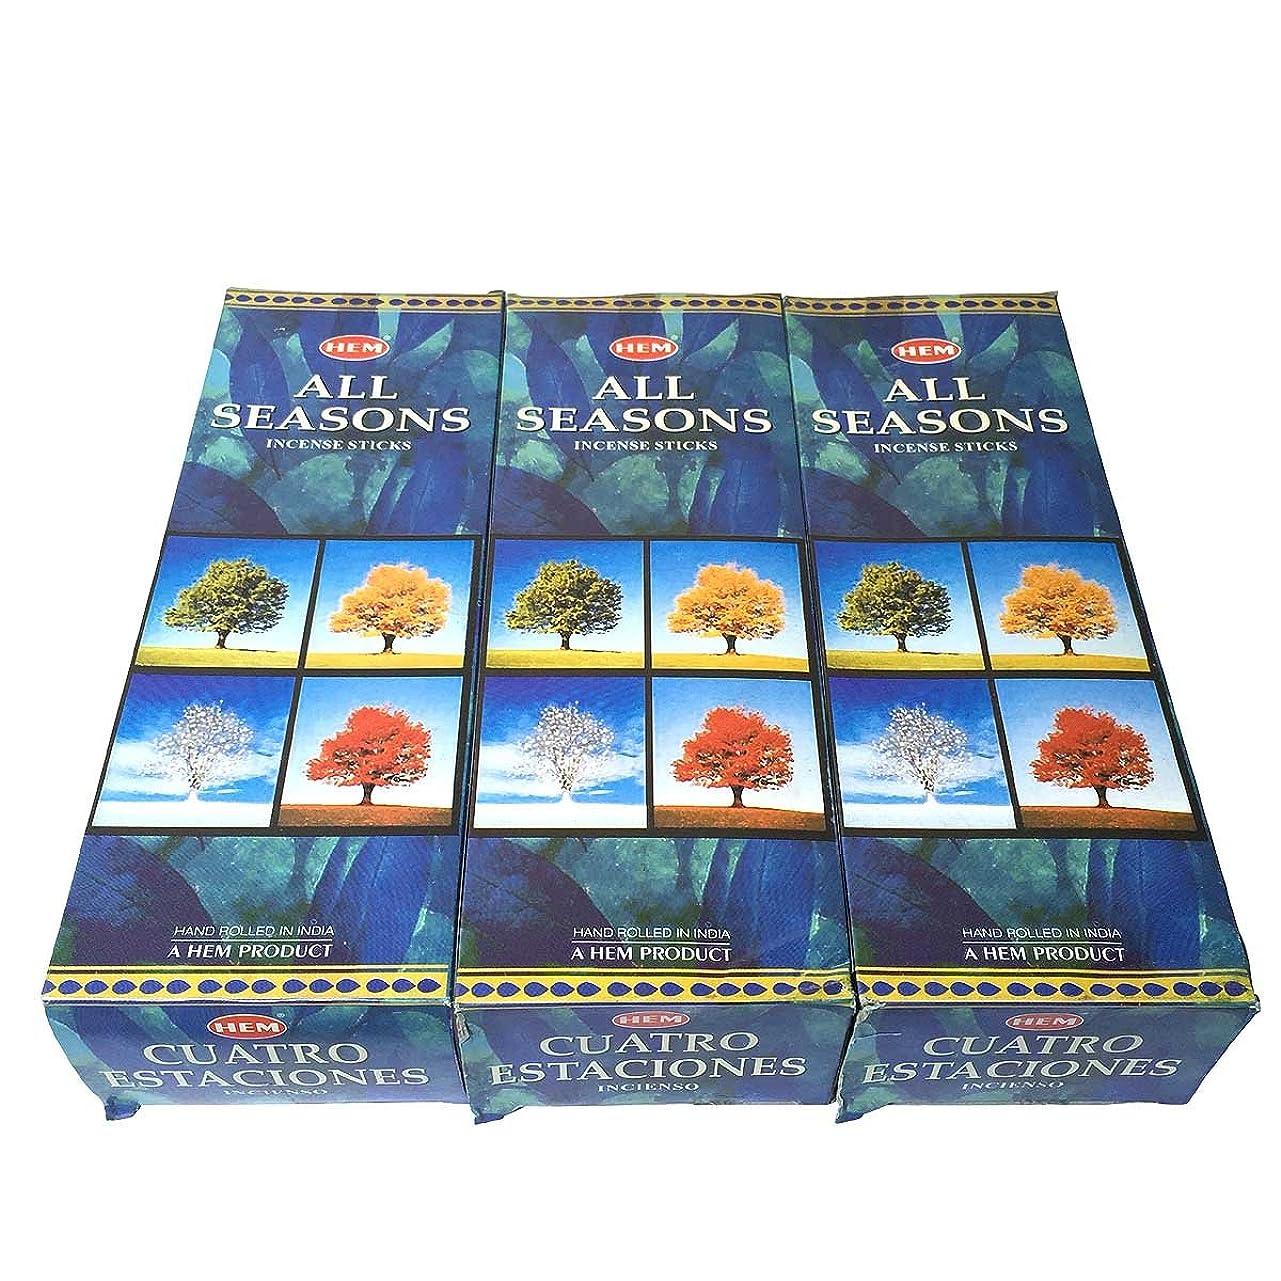 作業スペード事実上オールシーズン香スティック 3BOX(18箱) /HEM ALL SEASONS/インセンス/インド香 お香 [並行輸入品]